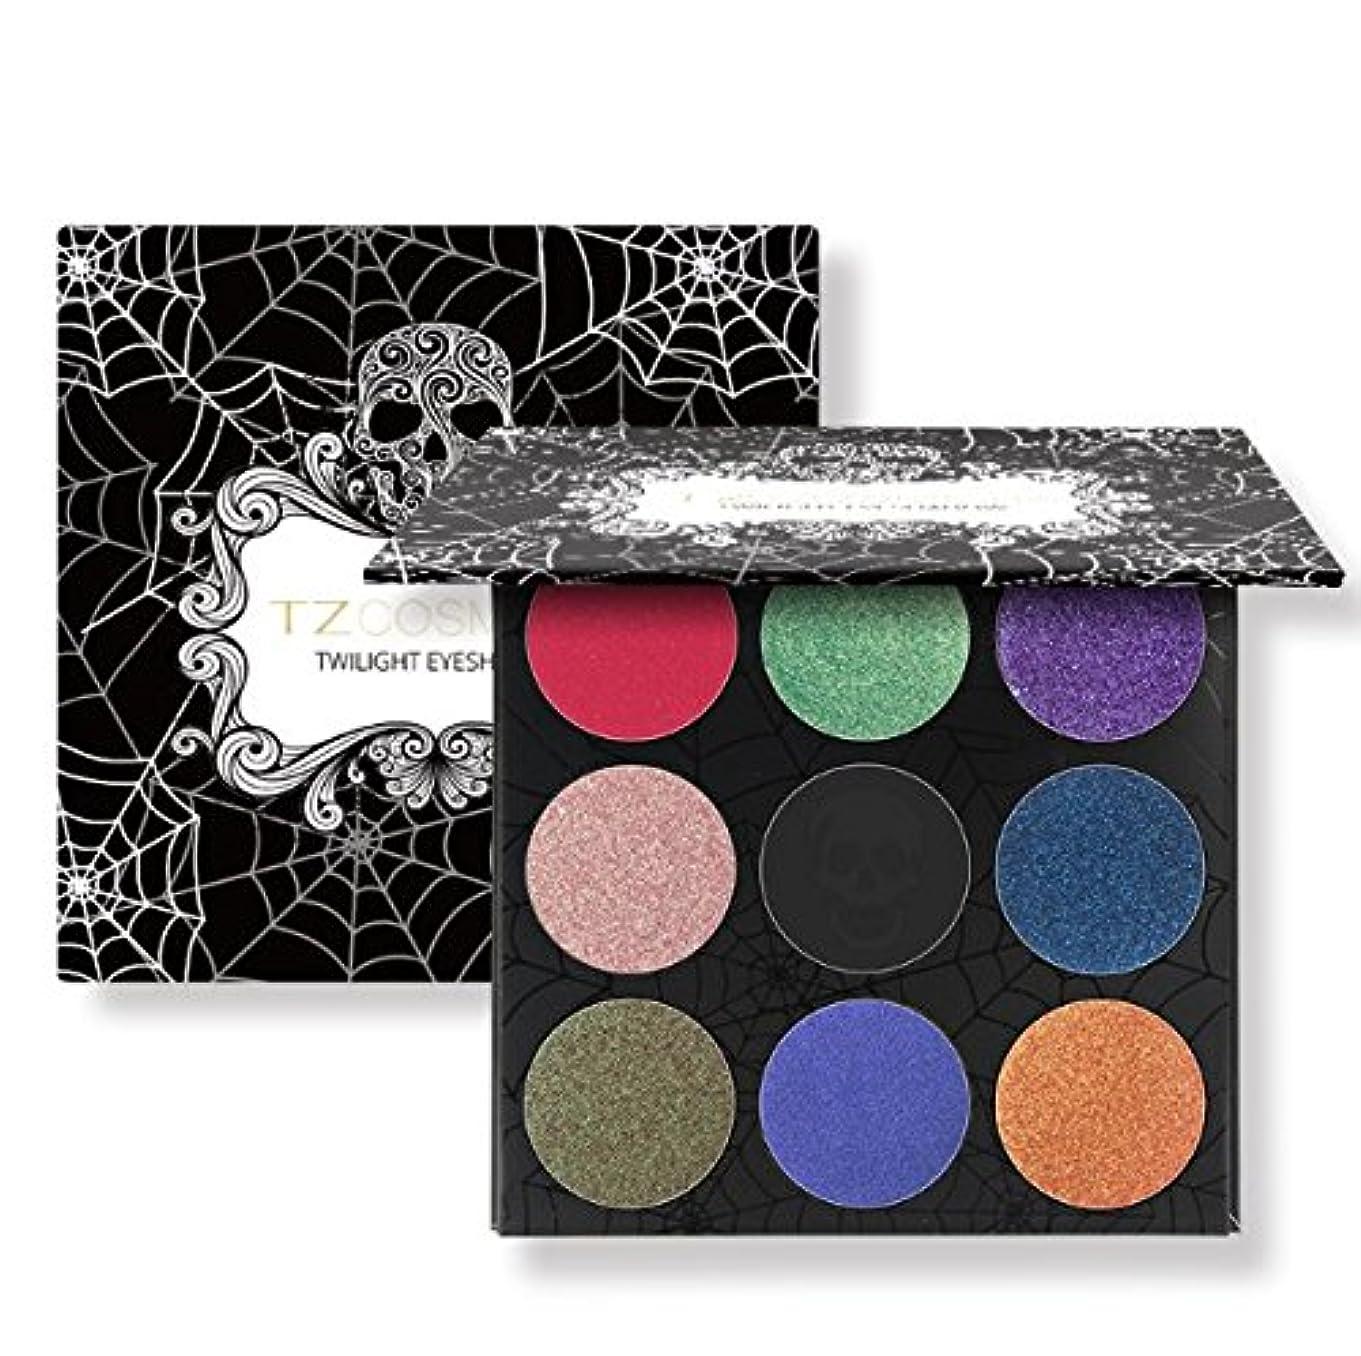 盲目ローラー遅い9Colors Eyeshadow Palette Matte Diamond Glitter Foiled Eye Shadow in One Palette Blush Makeup Set for Beauty